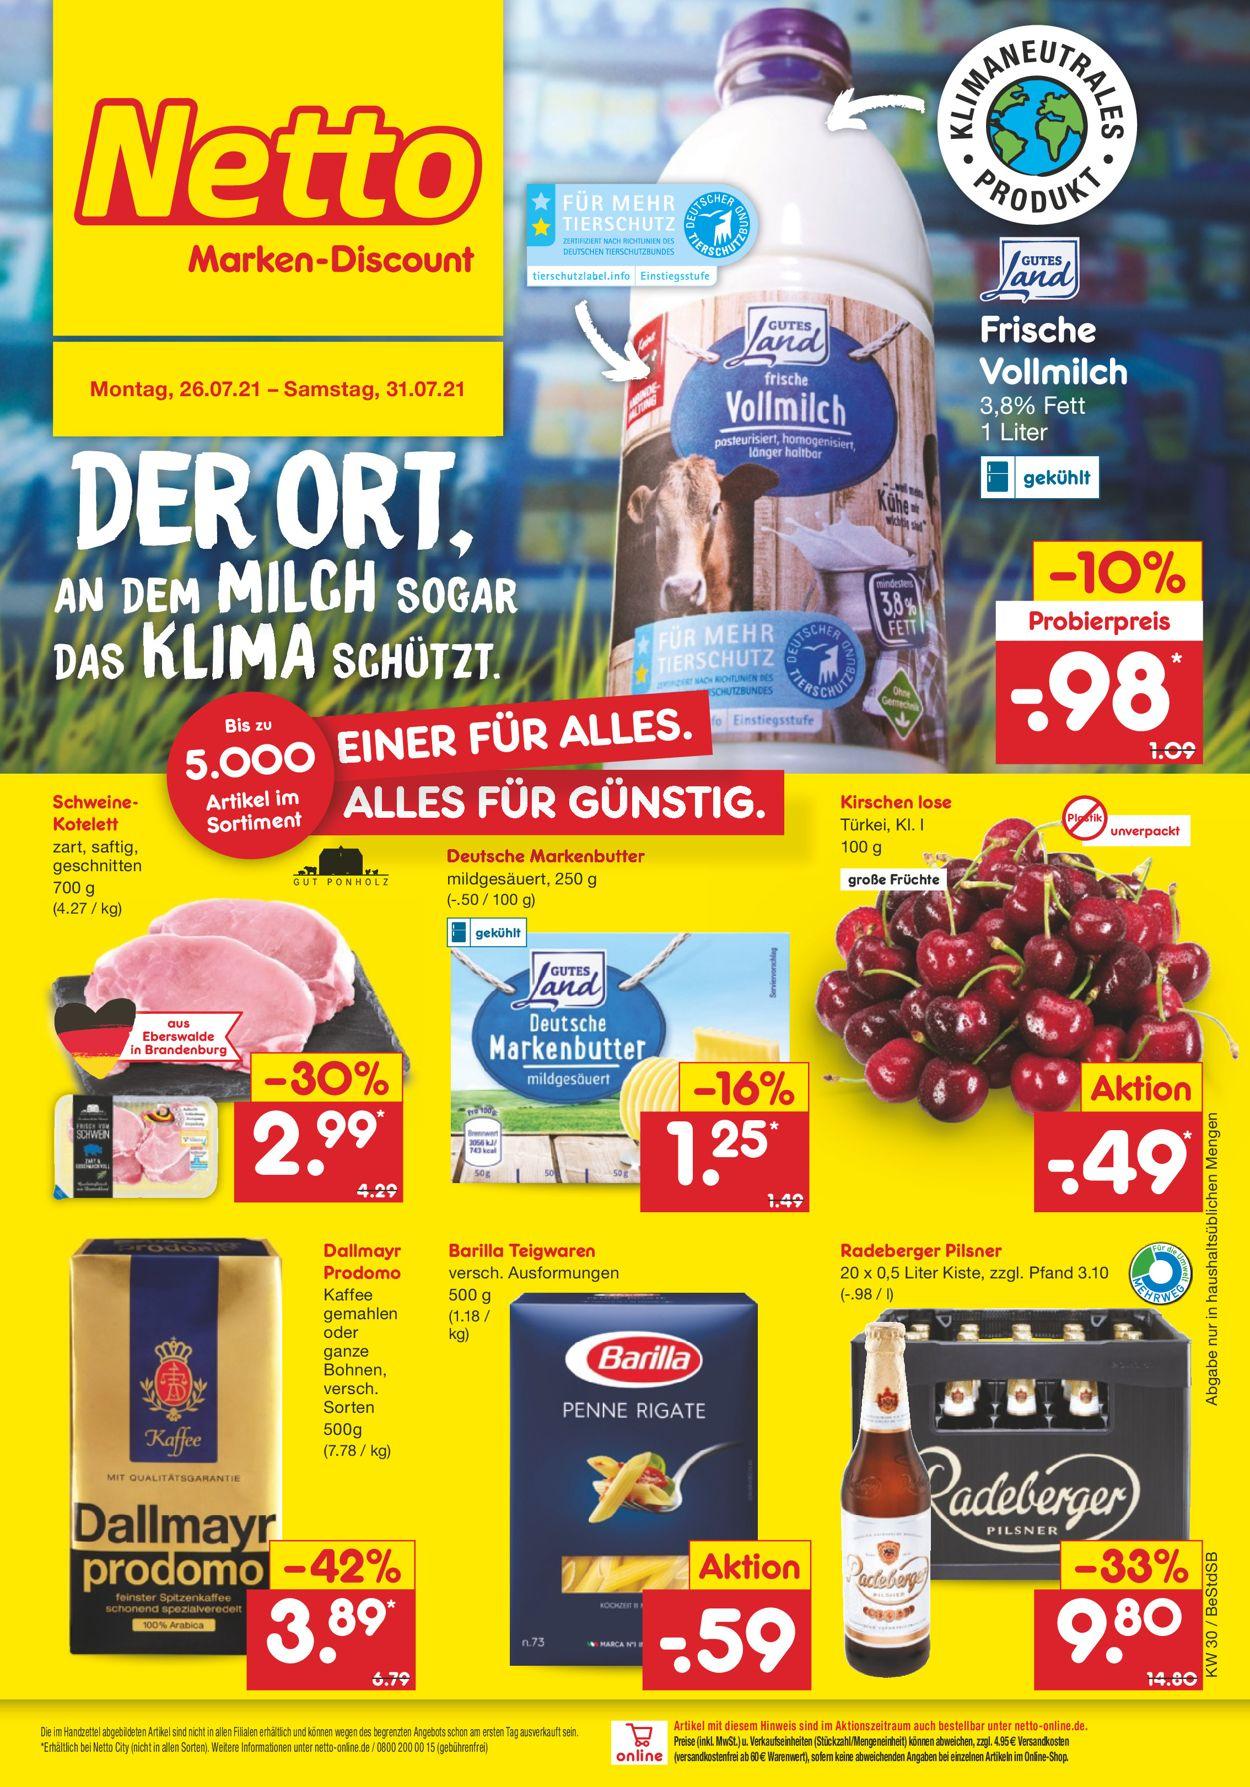 Netto Marken-Discount Prospekt - Aktuell vom 26.07-31.07.2021